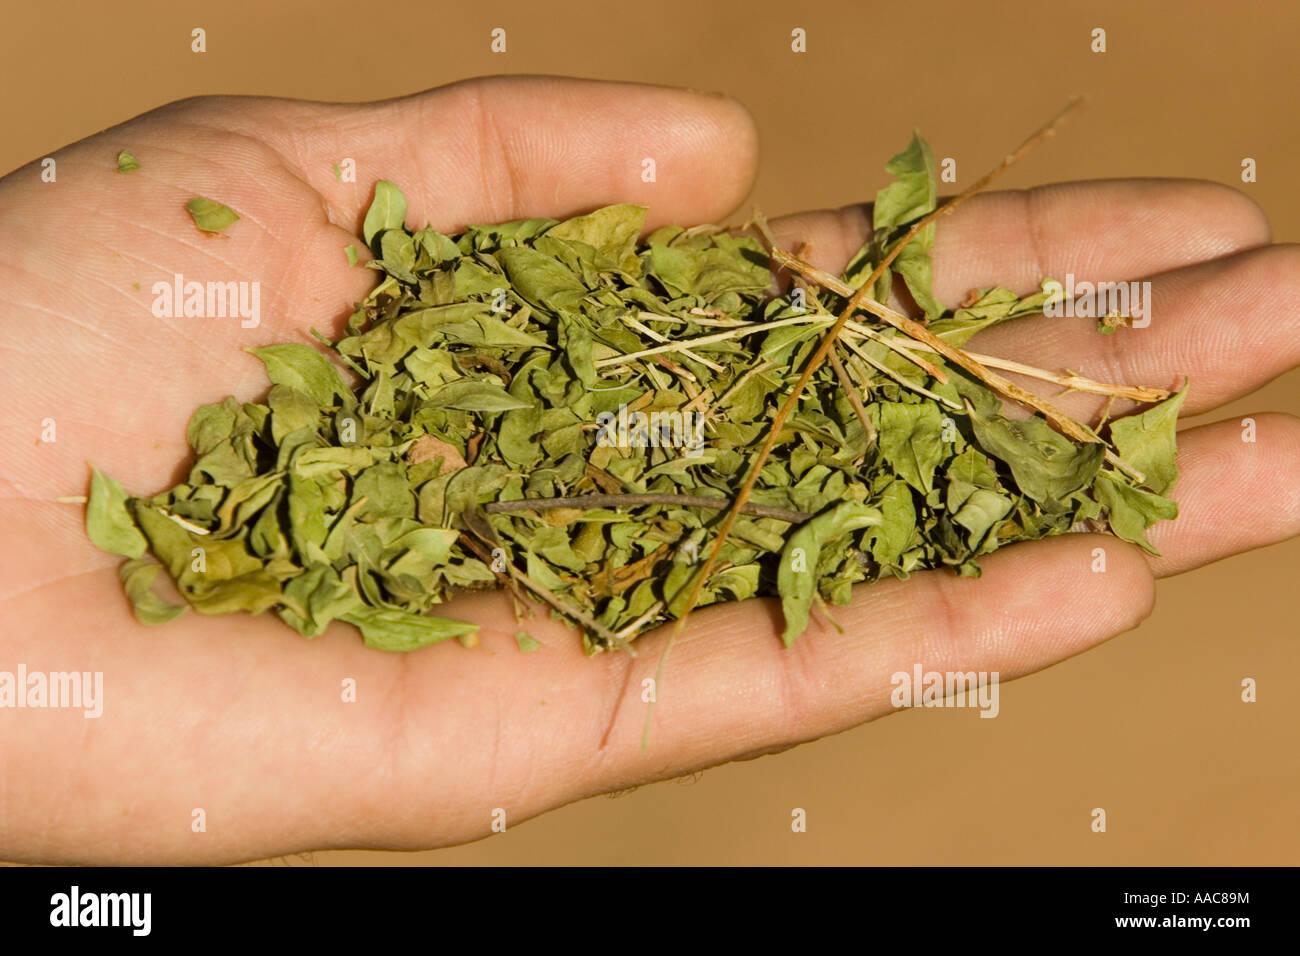 Las Hojas De La Planta Lawsonia Utilizado Para Hacer Disenos De